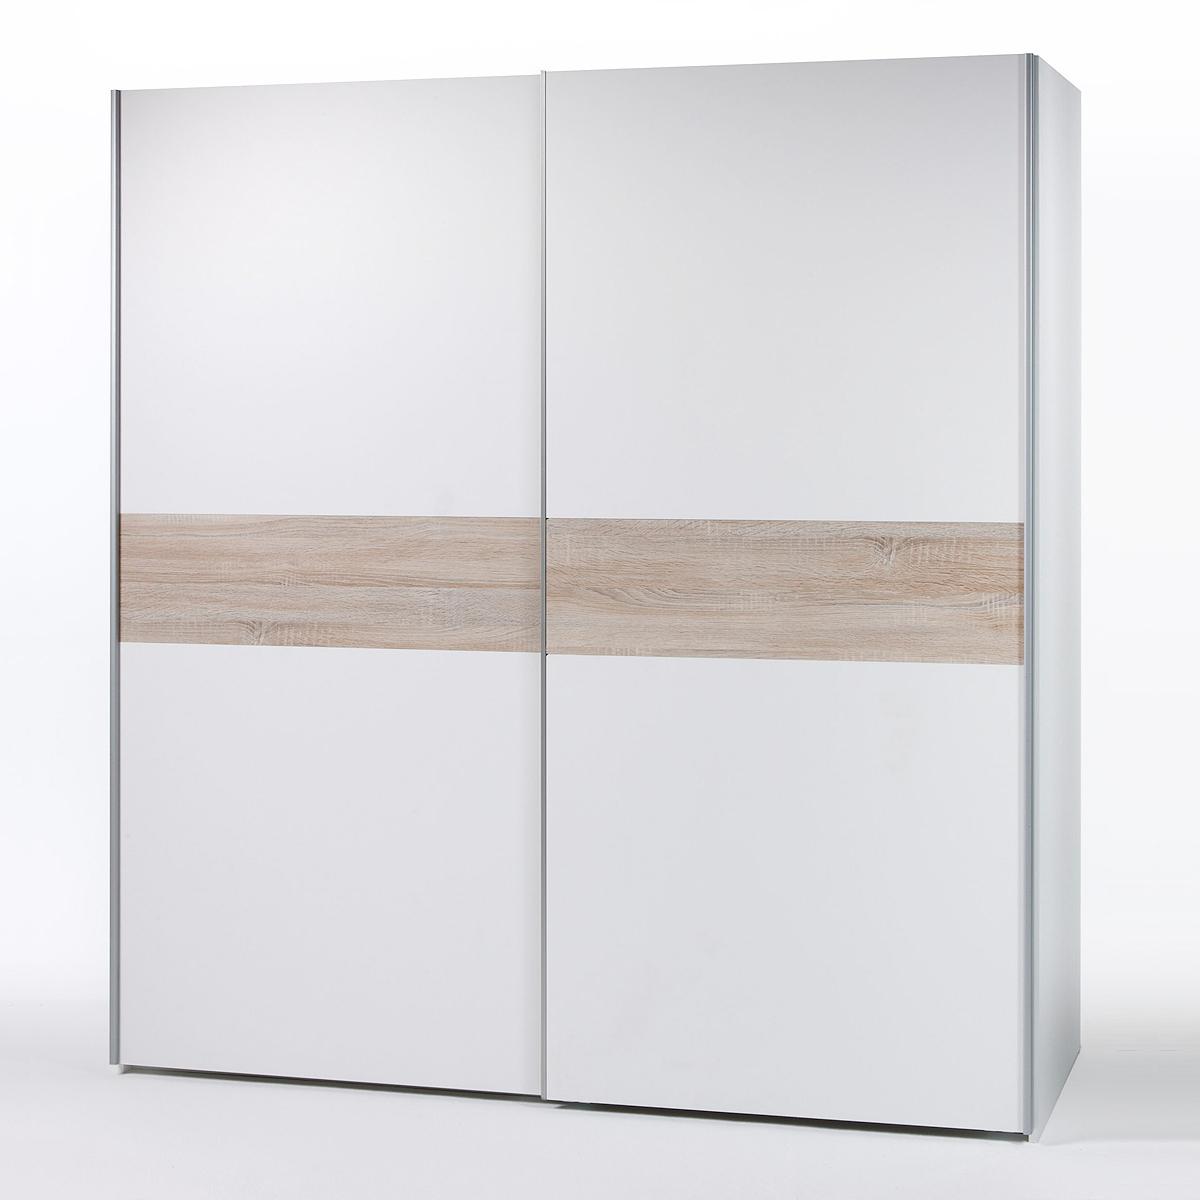 begehbarer schwebet renschrank haus design m bel ideen und innenarchitektur. Black Bedroom Furniture Sets. Home Design Ideas